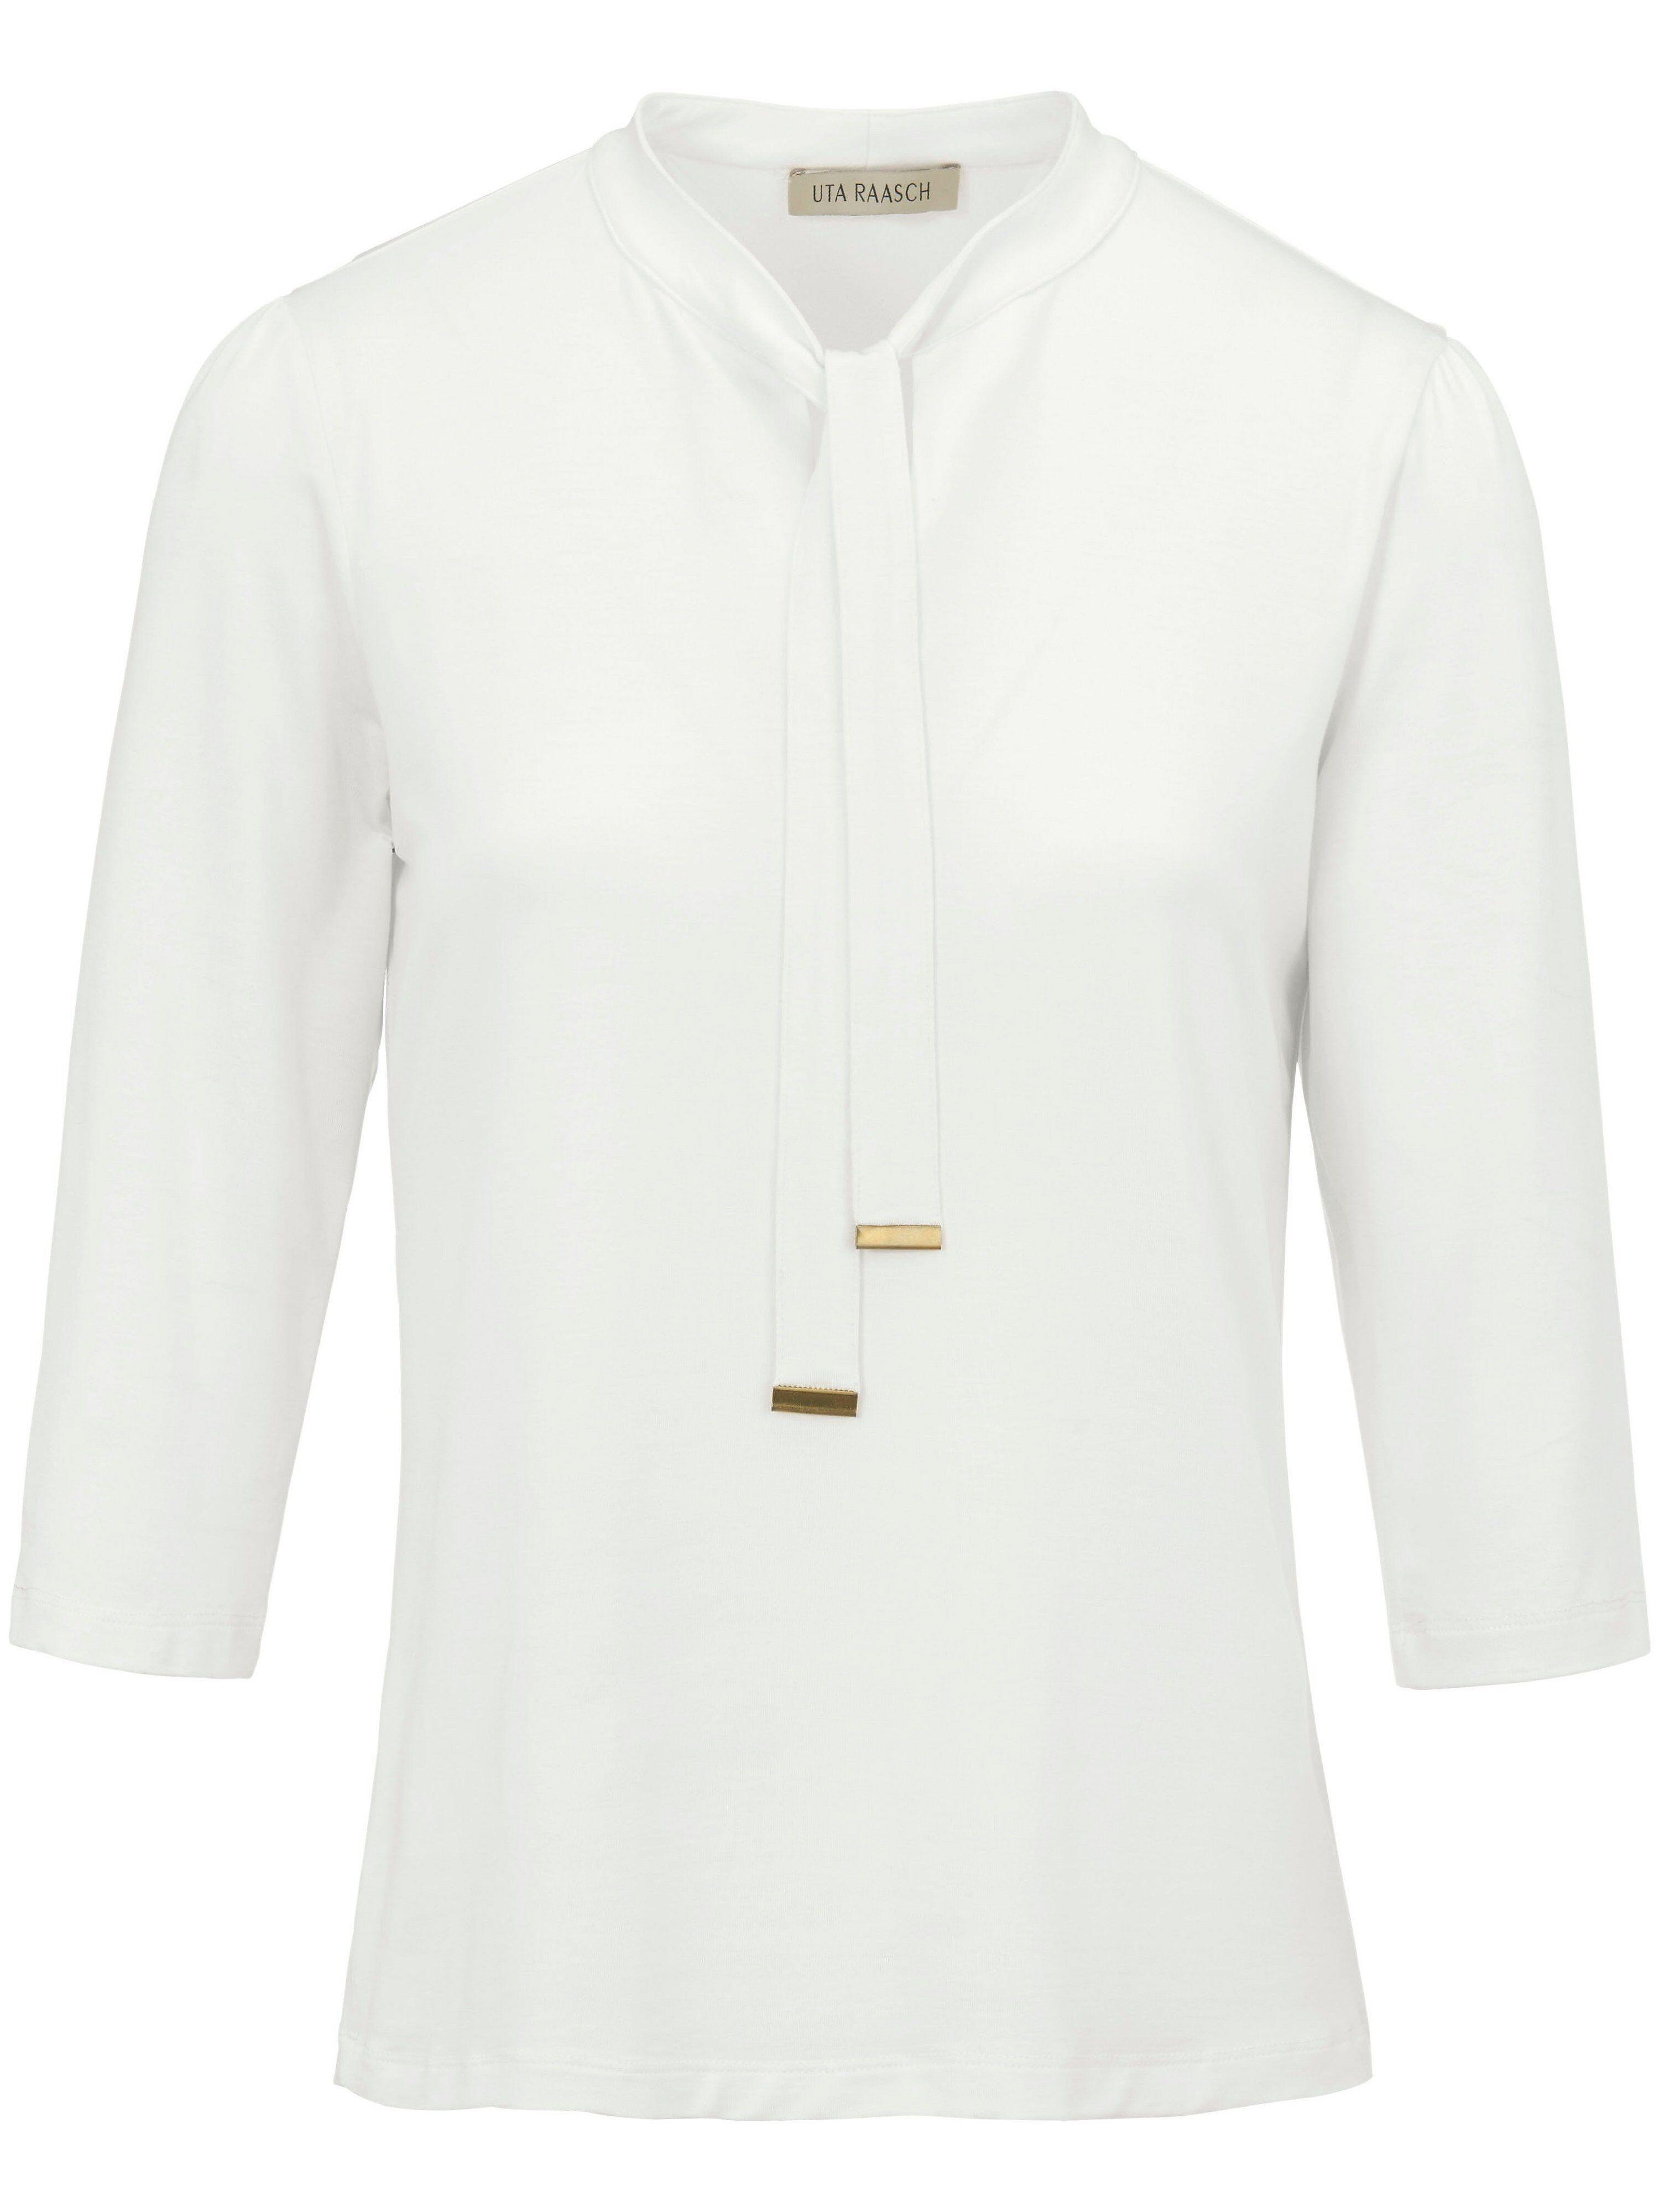 Uta Raasch Le T-shirt à manches 3/4  Uta Raasch blanc  - Femme - 38